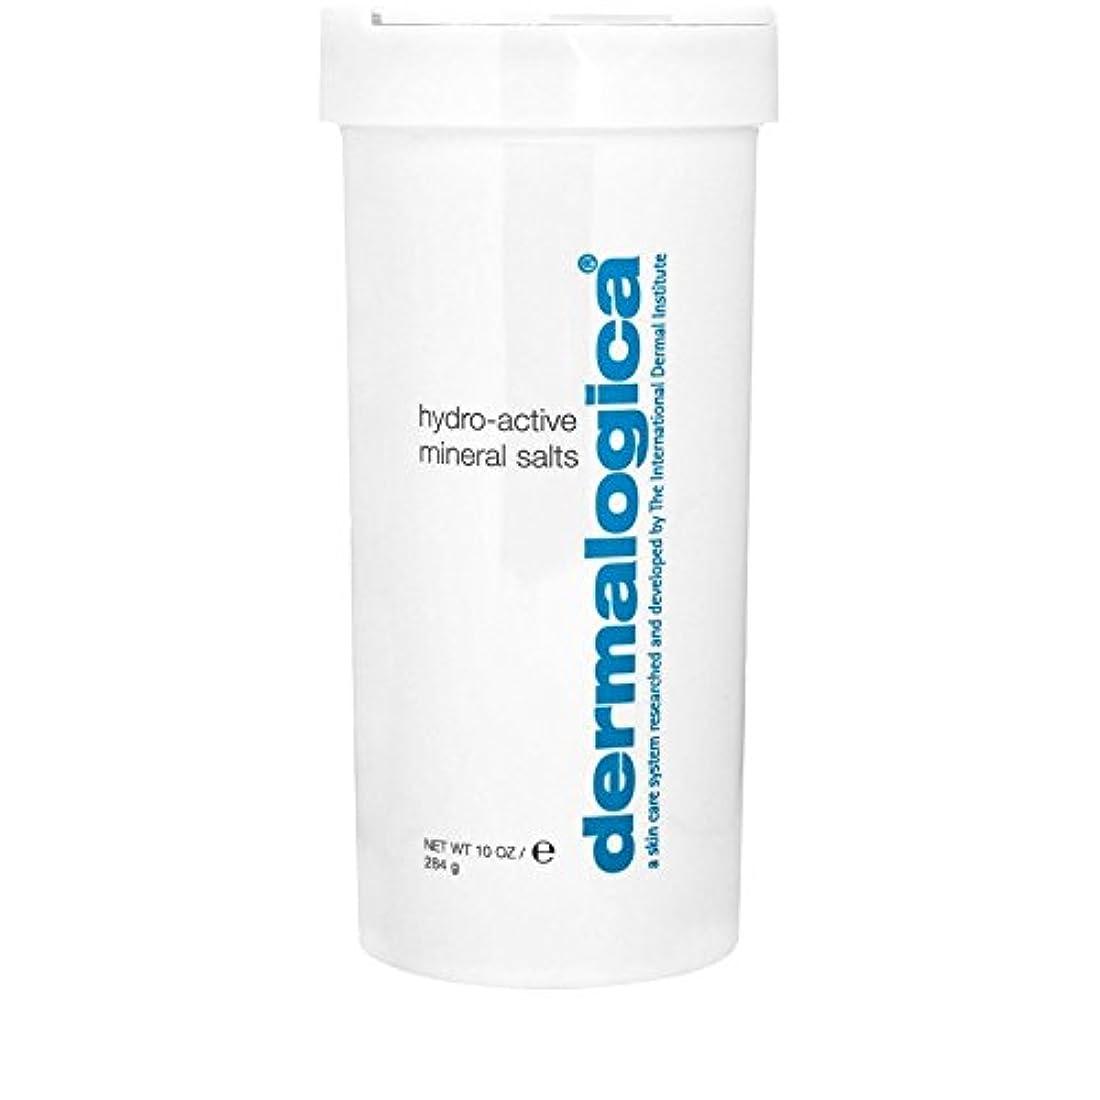 割るスポーツをする差ダーマロジカ水力アクティブミネラル塩284グラム x2 - Dermalogica Hydro Active Mineral Salt 284g (Pack of 2) [並行輸入品]